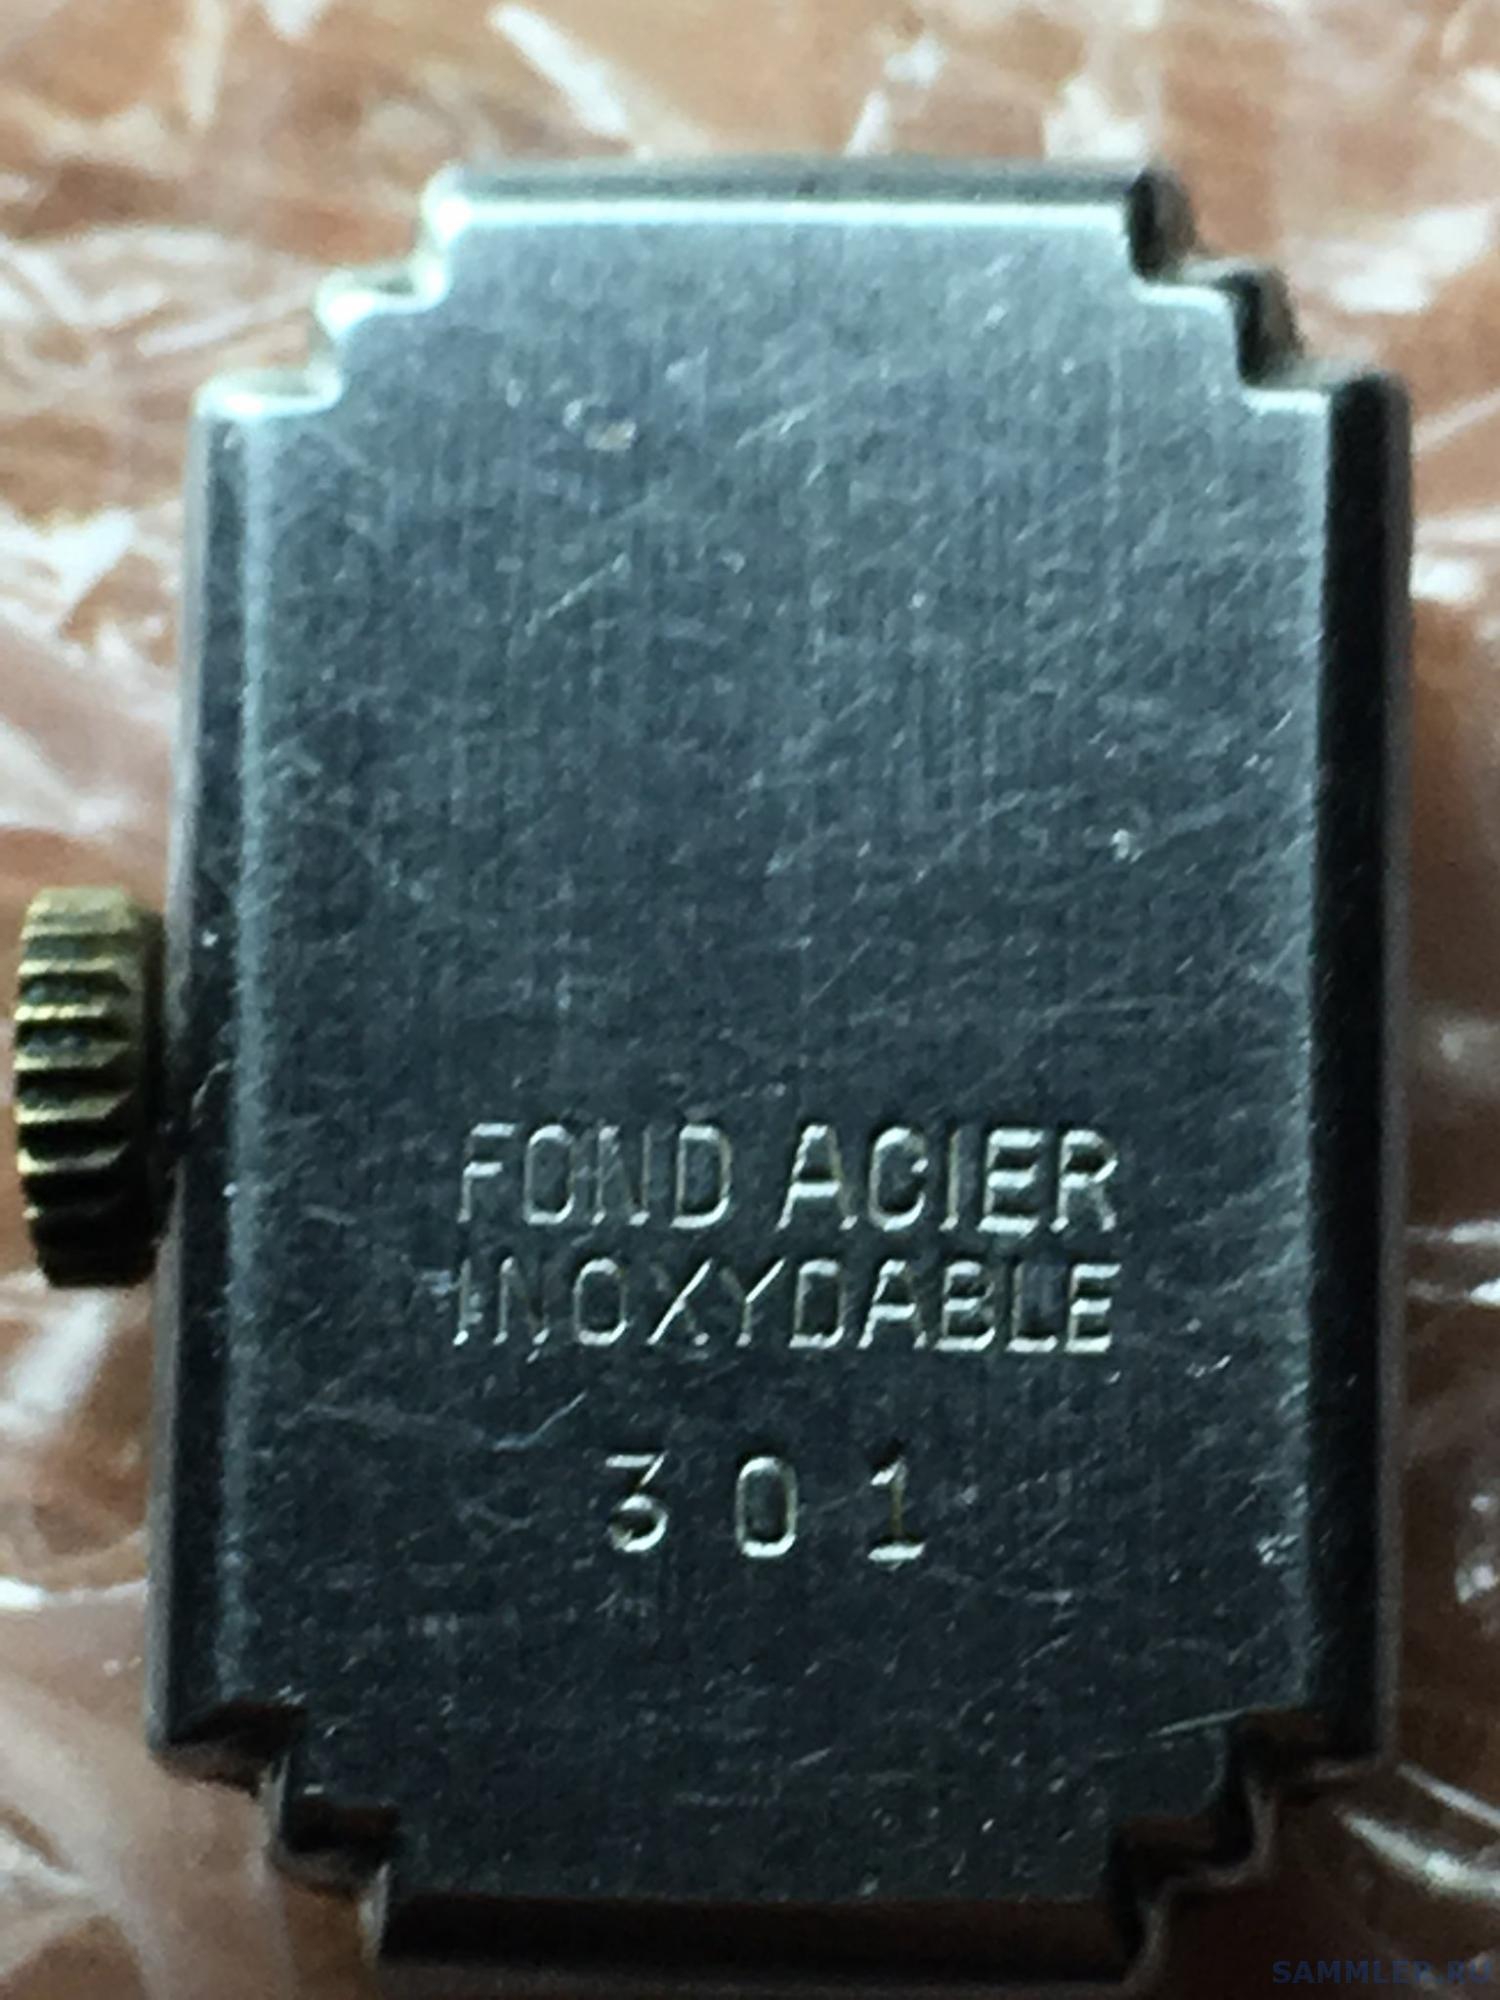 04A721A6-9835-4F0D-8EC7-6A4A4947B8C2.jpg